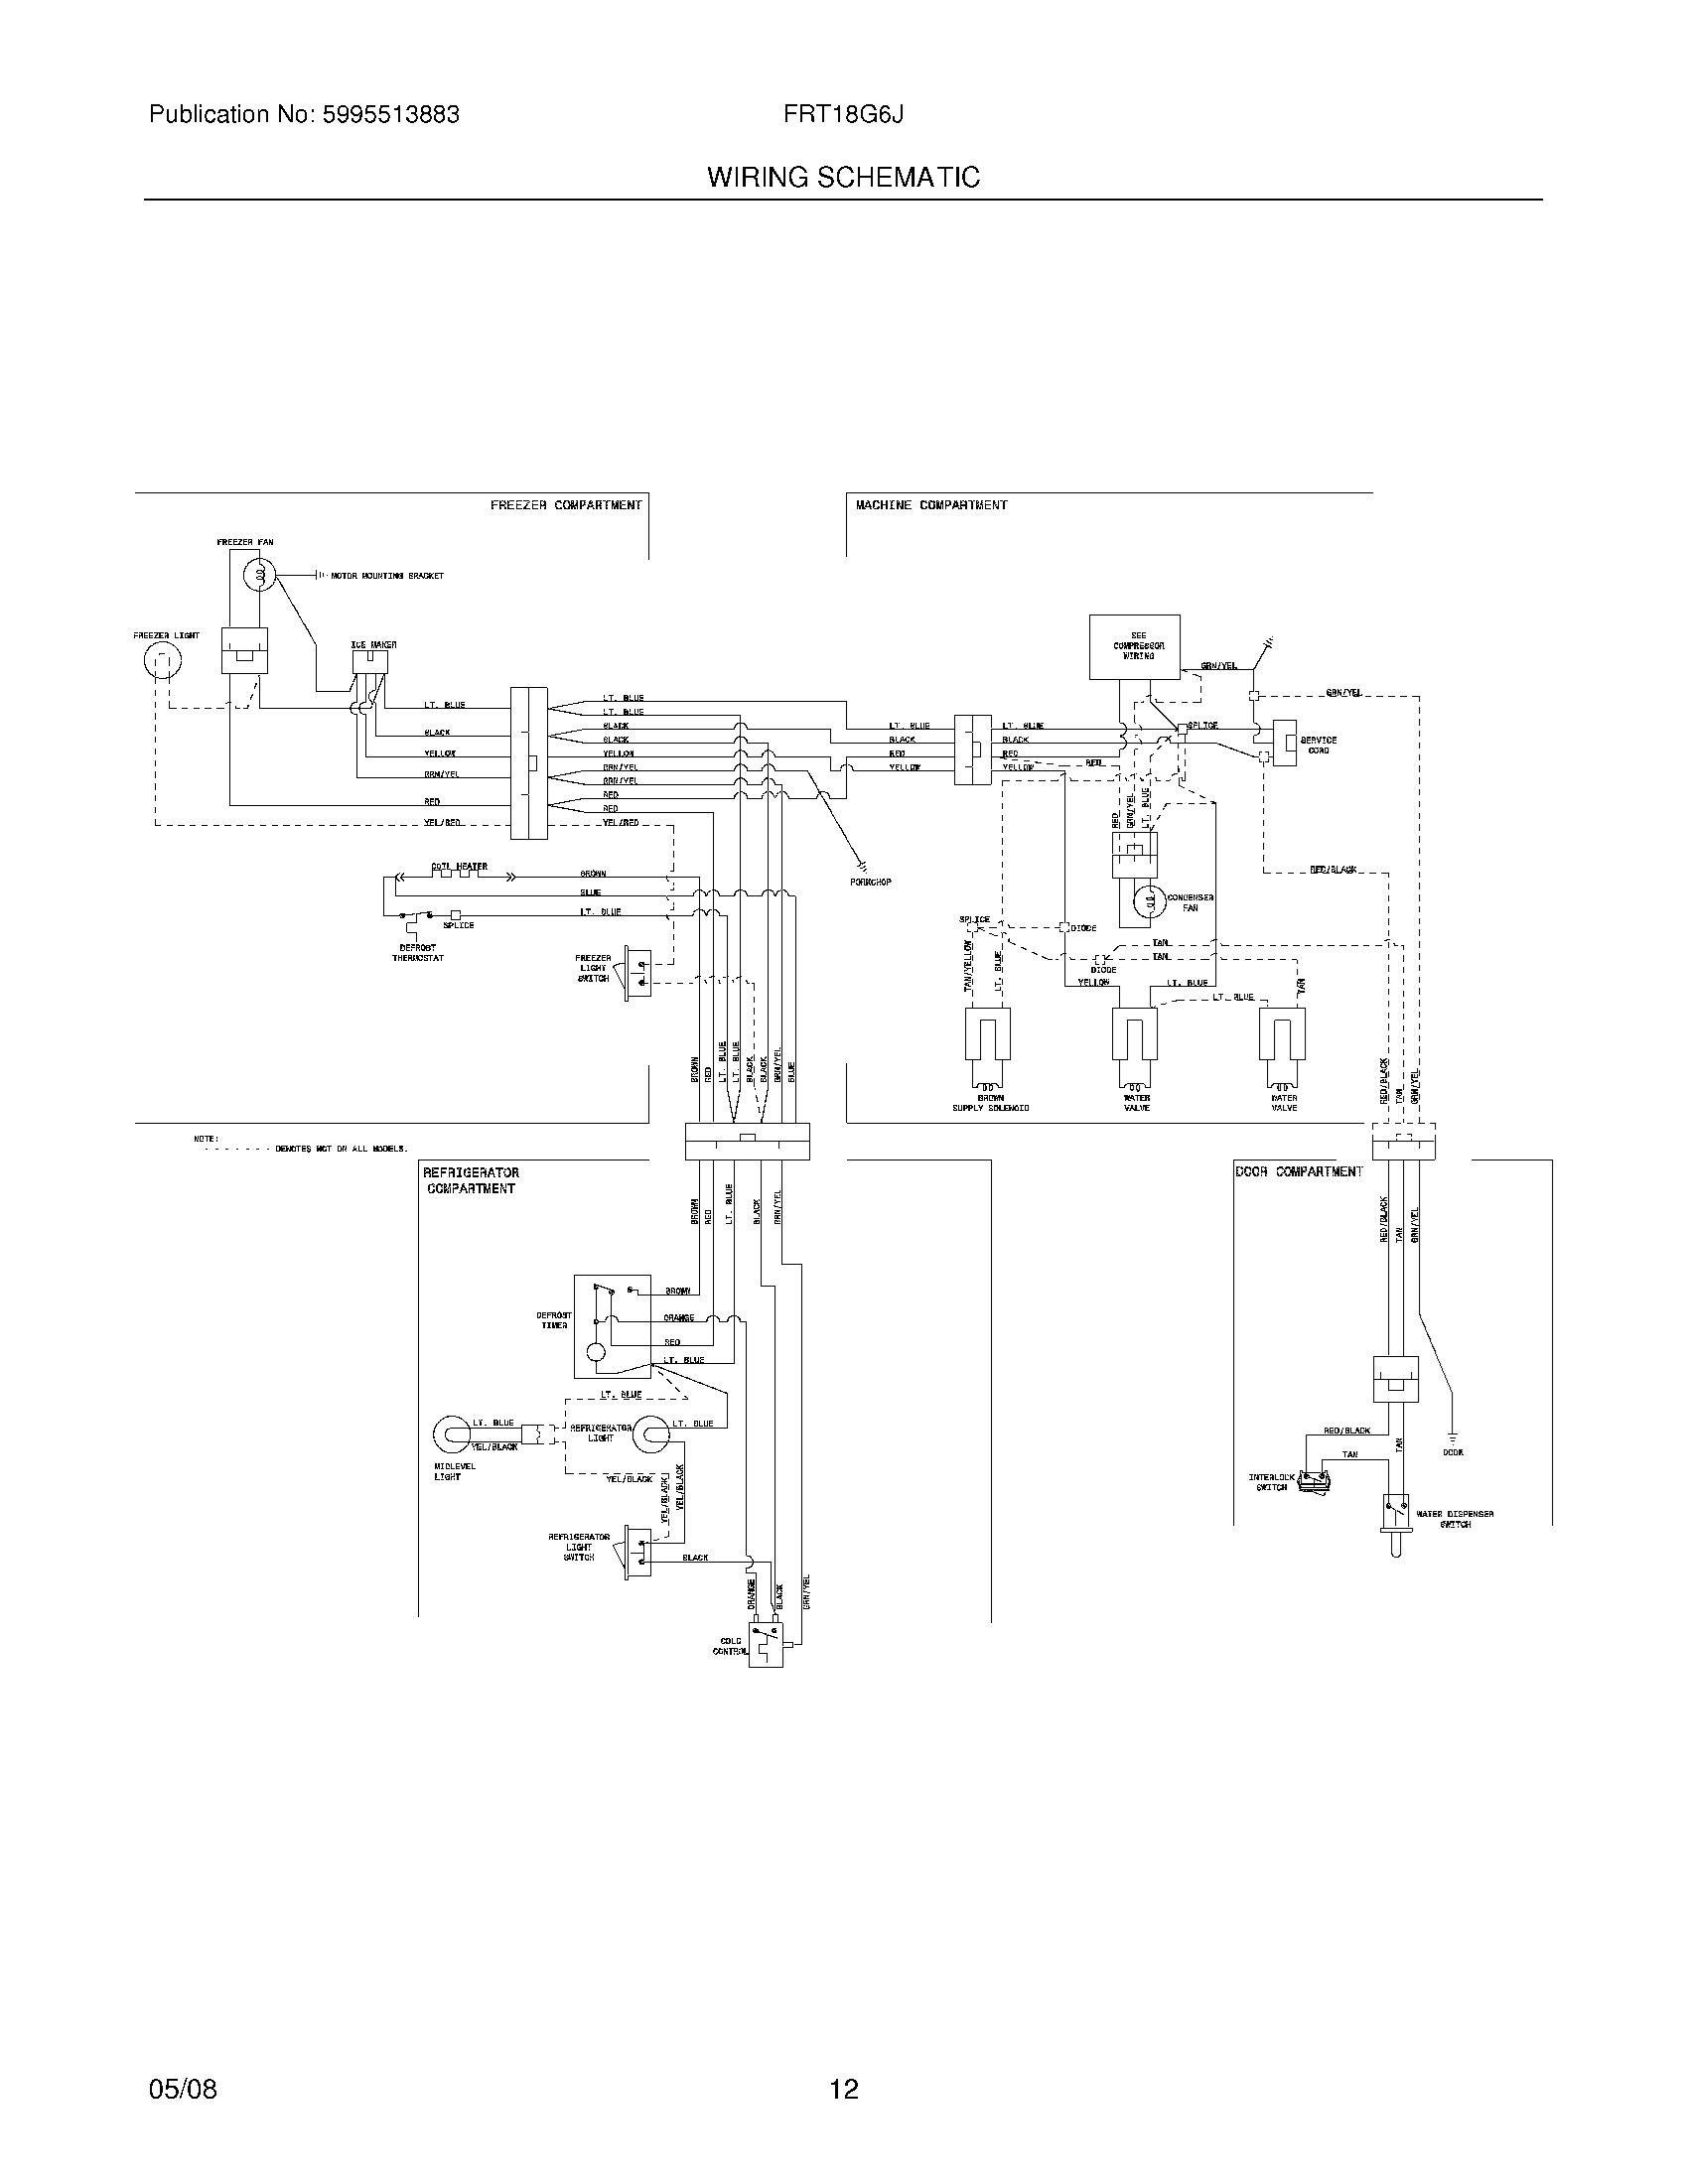 frt18g6jw1 frigidaire pany Frigidaire Wiring Schematic 12 wiring schematic